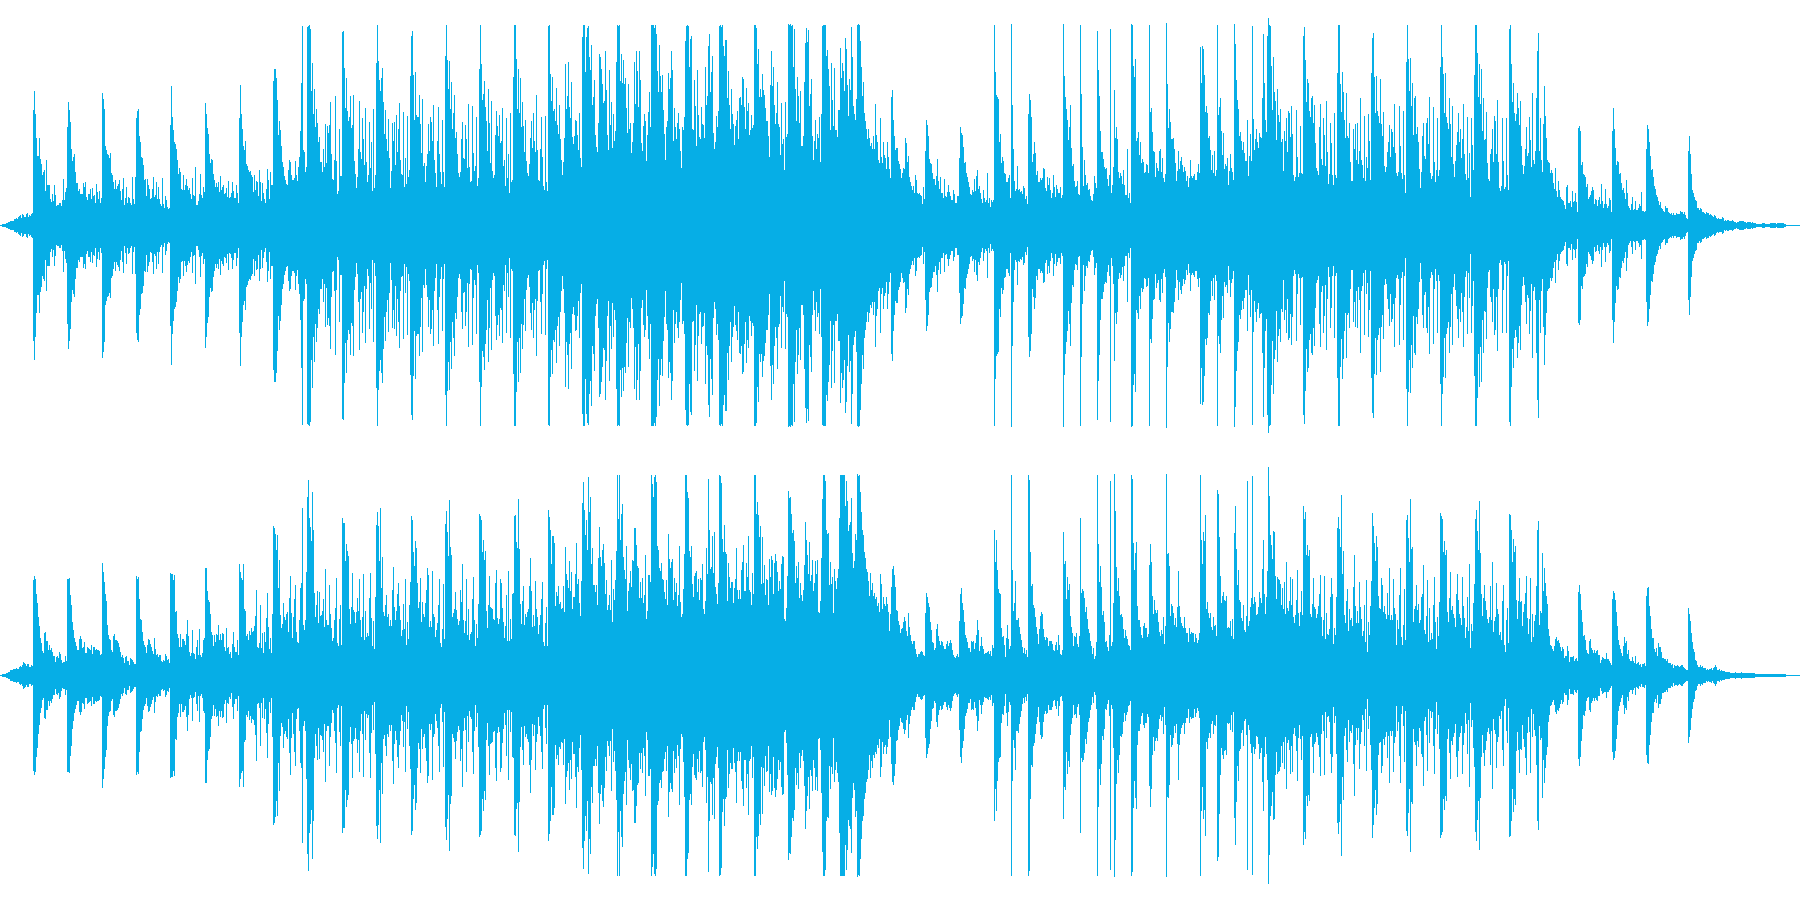 幻想・異空間なアンビエント曲の再生済みの波形